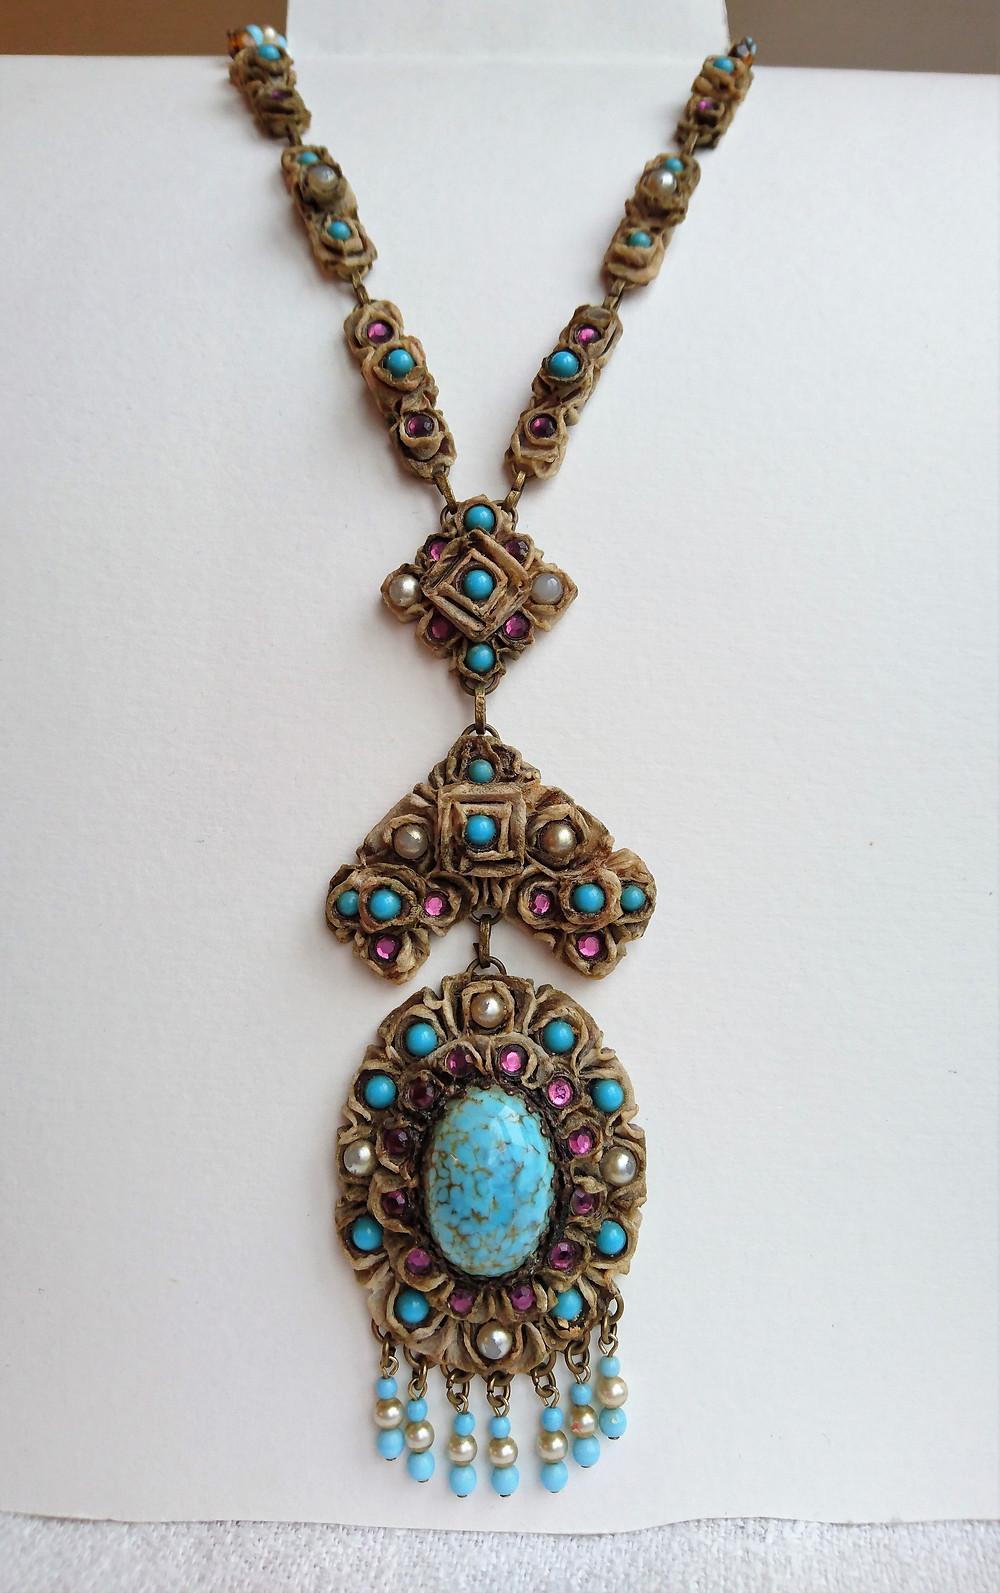 halsband från 1920-talet